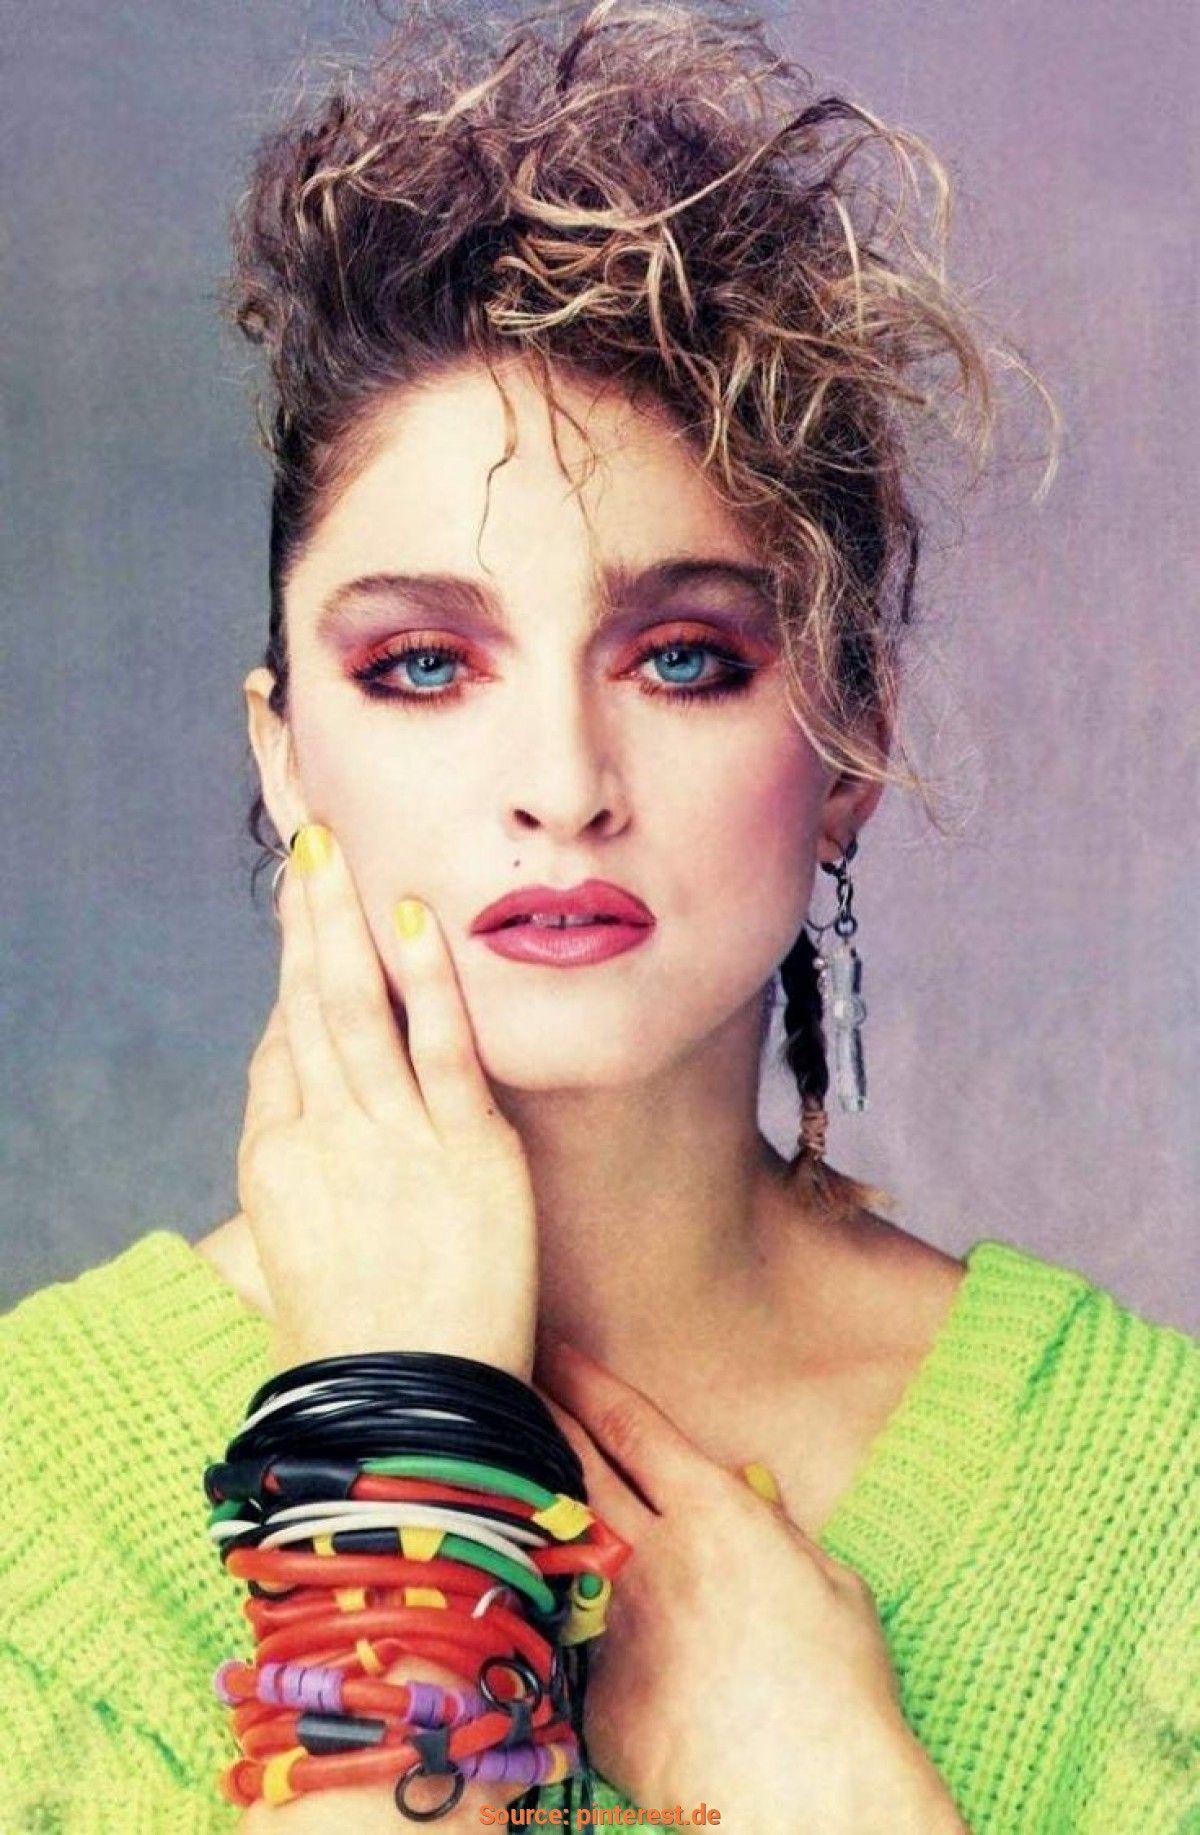 Frisuren 80er Frauen Kurz Frisurentrends 80er Jahre Mode 80er Jahre Outfit 80er Jahre Kostum